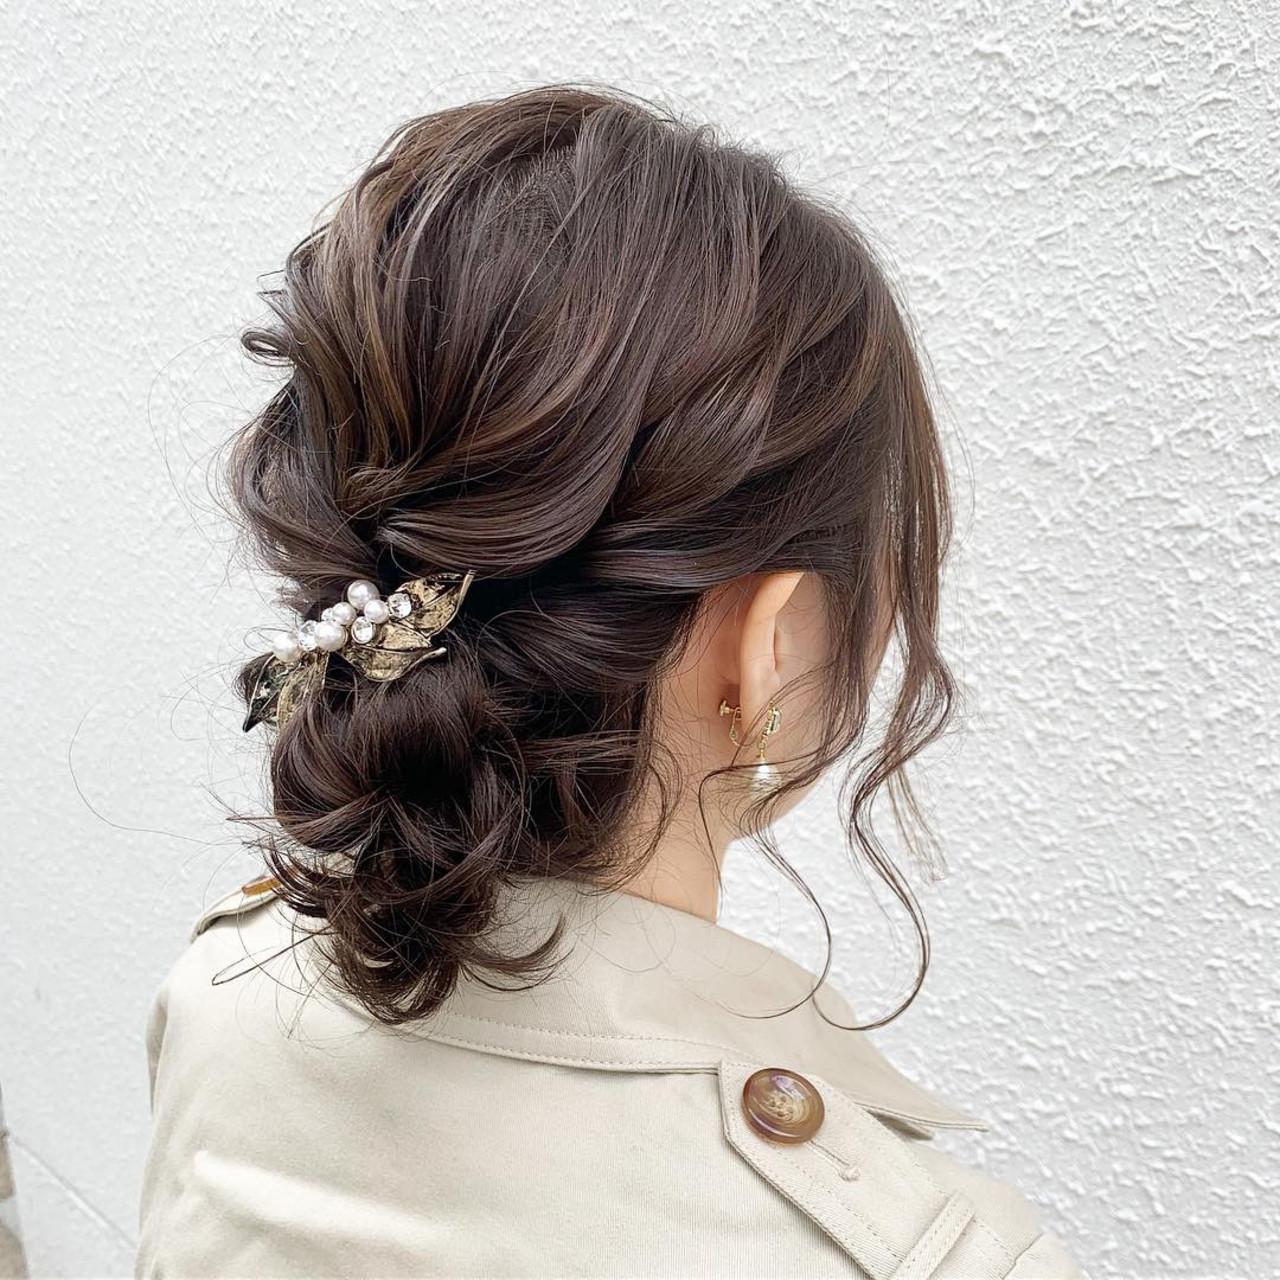 ルーズ 結婚式 フェミニン アンニュイほつれヘア ヘアスタイルや髪型の写真・画像